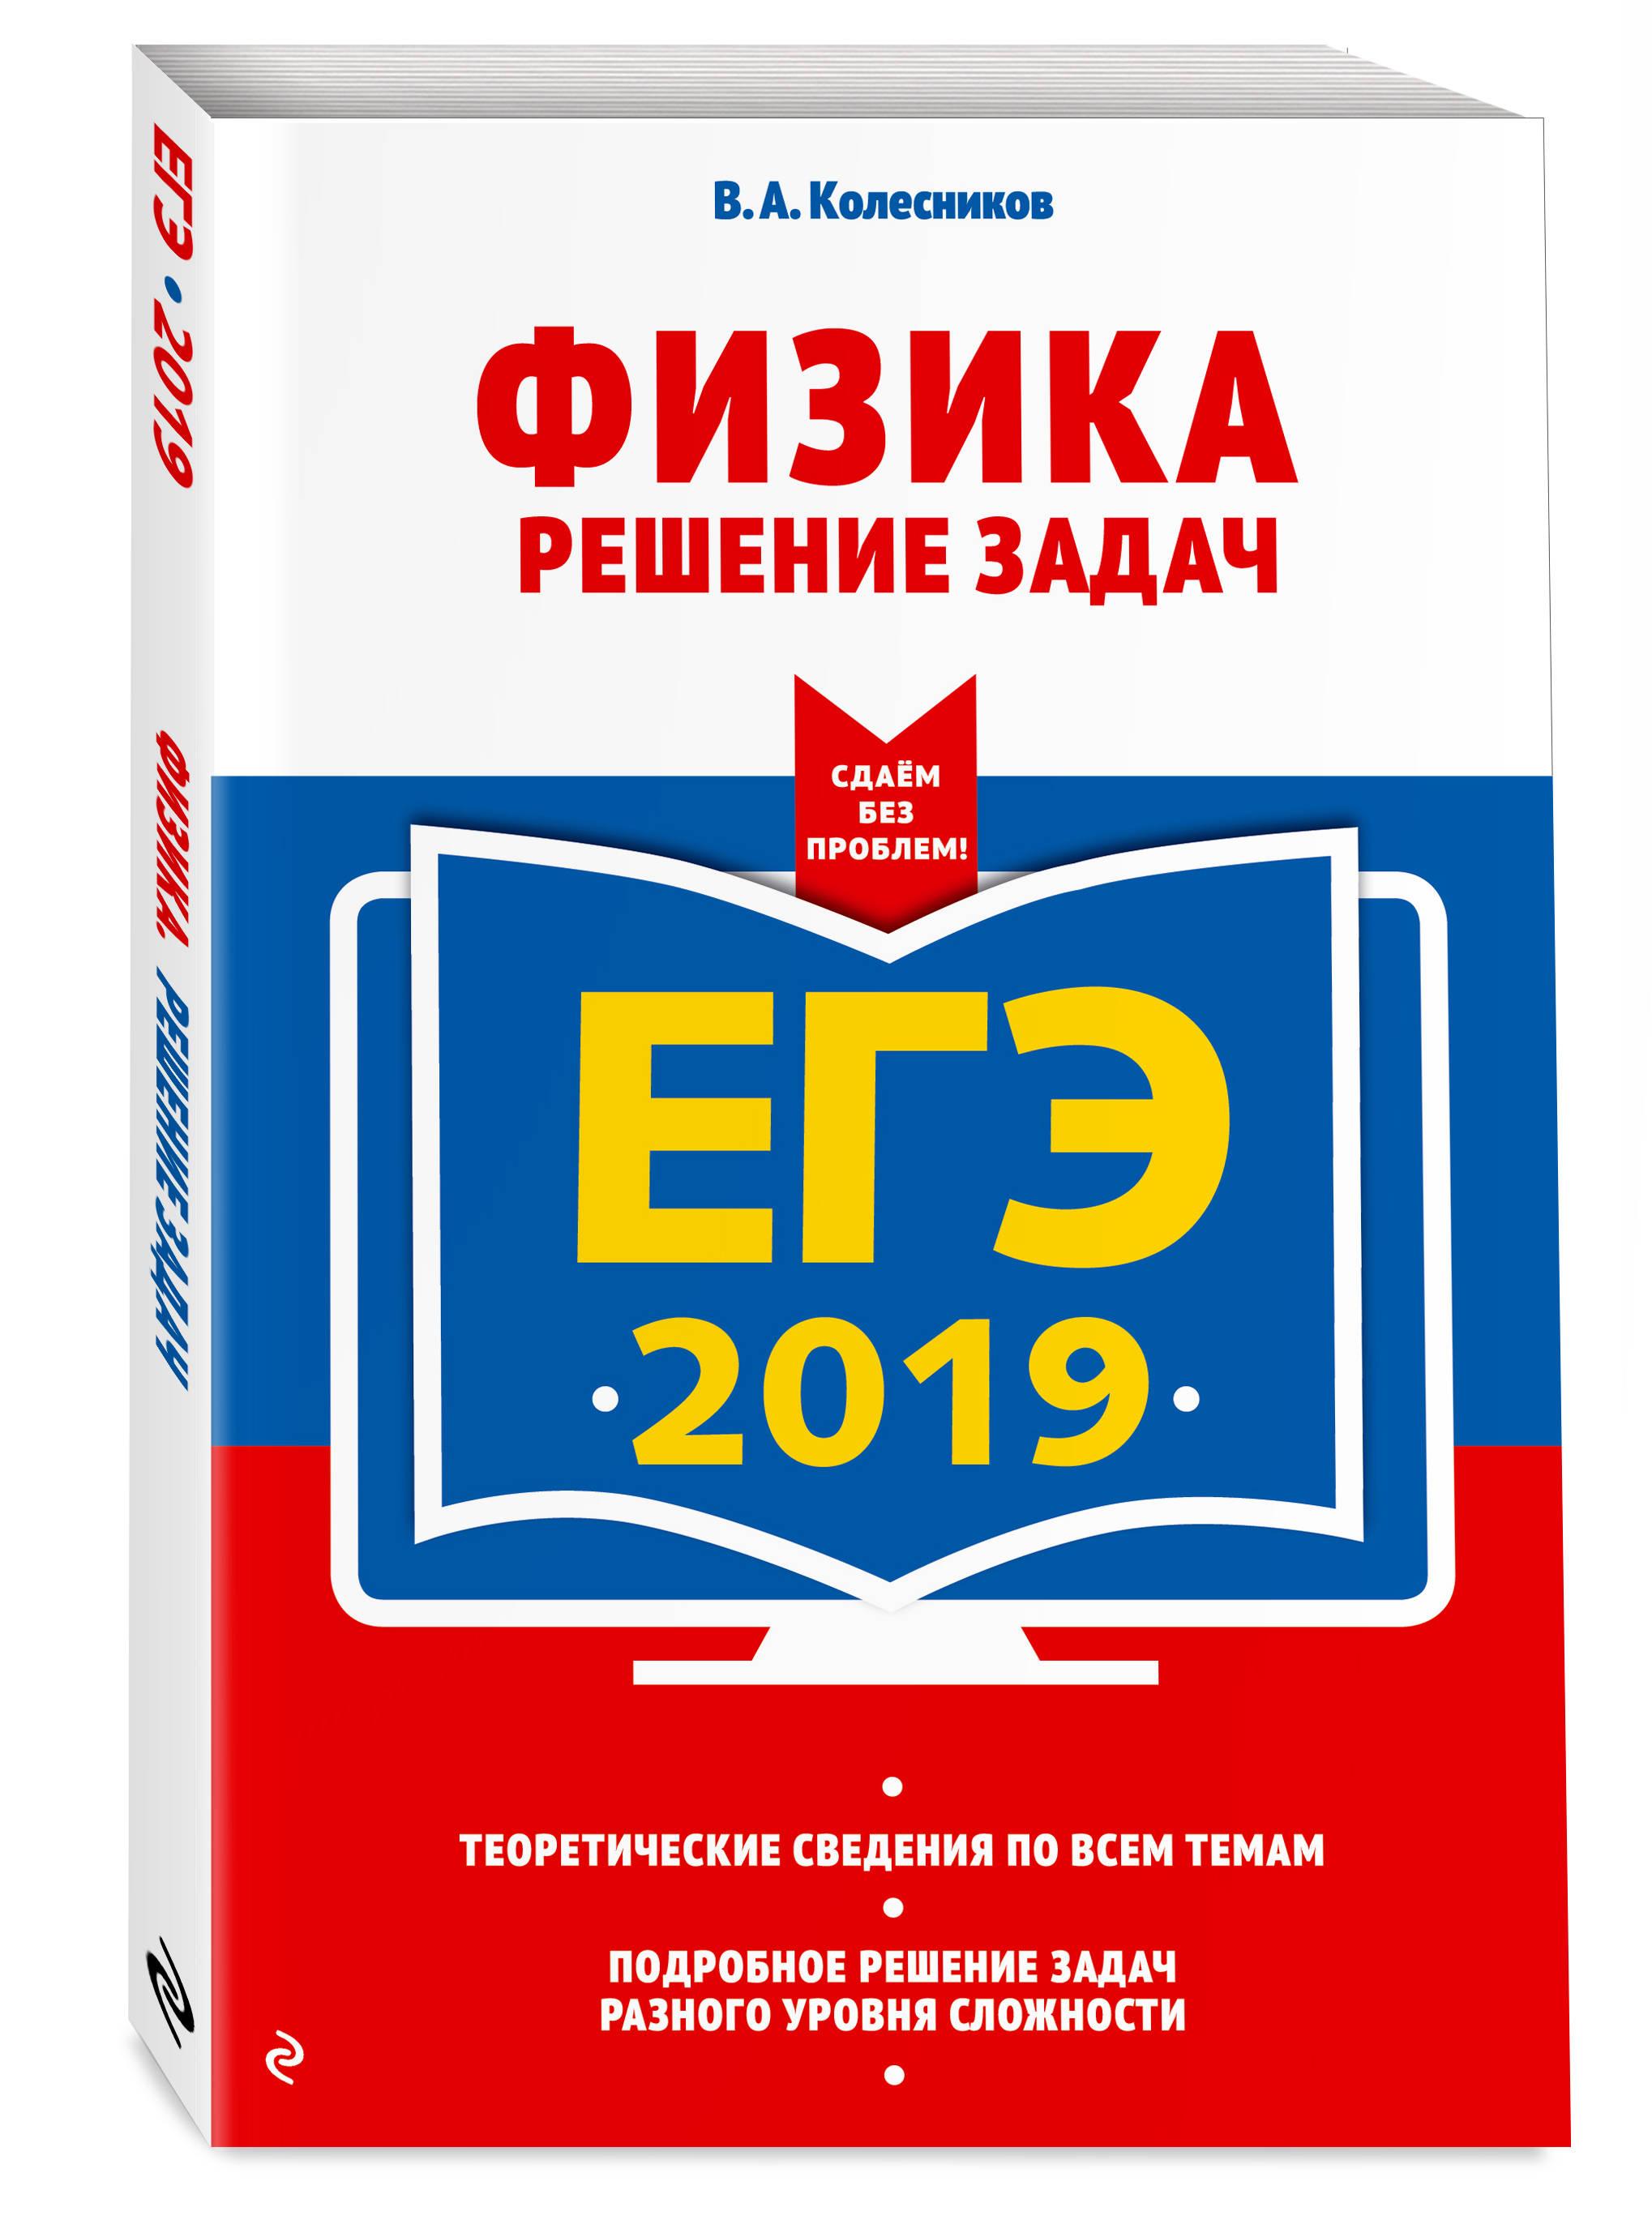 В. А. Колесников ЕГЭ-2019. Физика. Решение задач цена